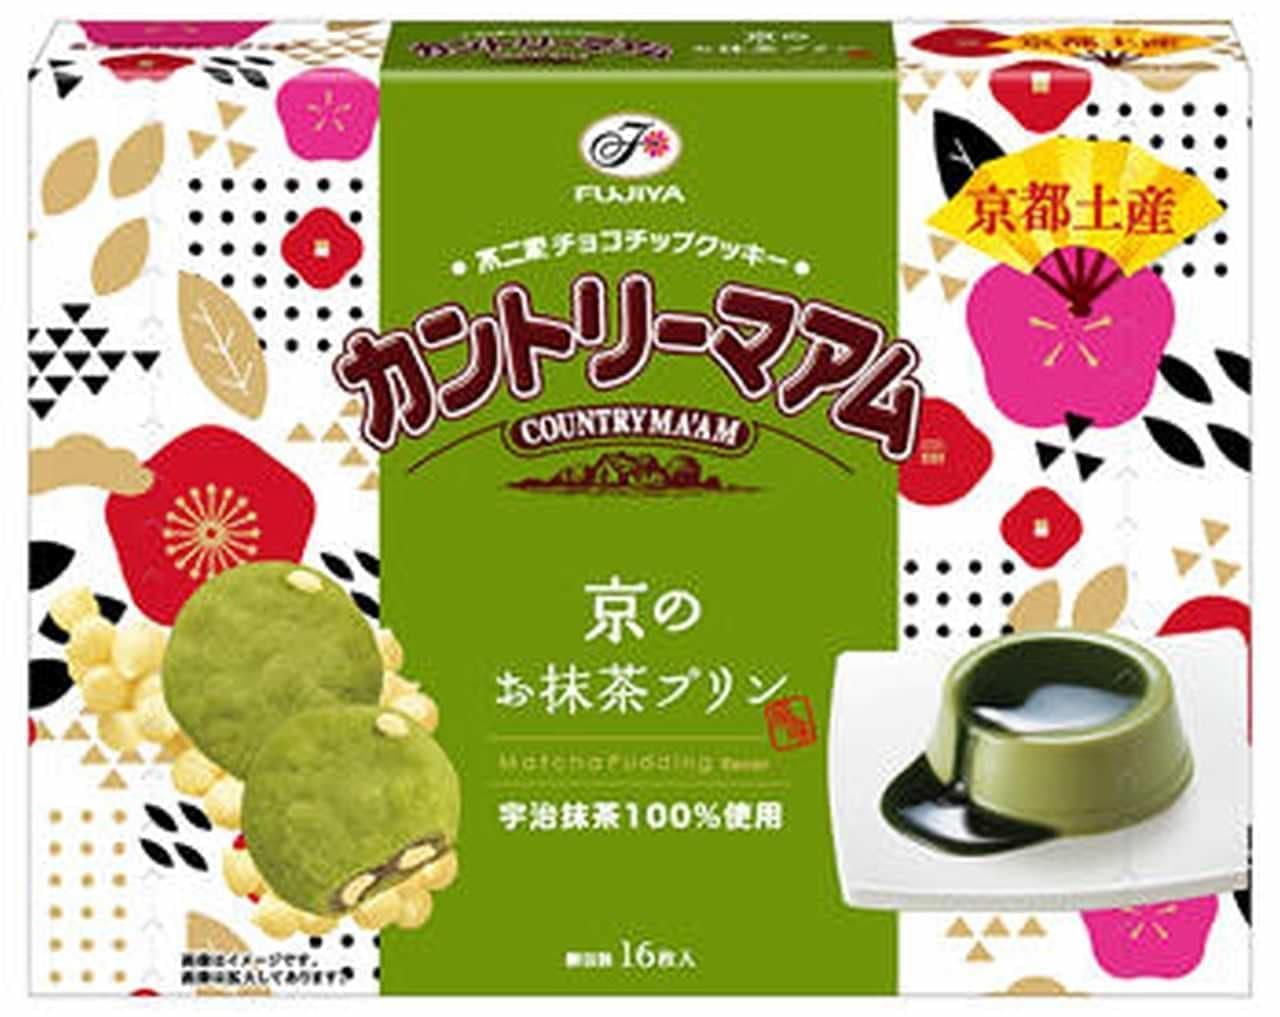 カントリーマアム「【関西限定】16枚カントリーマアム(京のお抹茶プリン風味)」